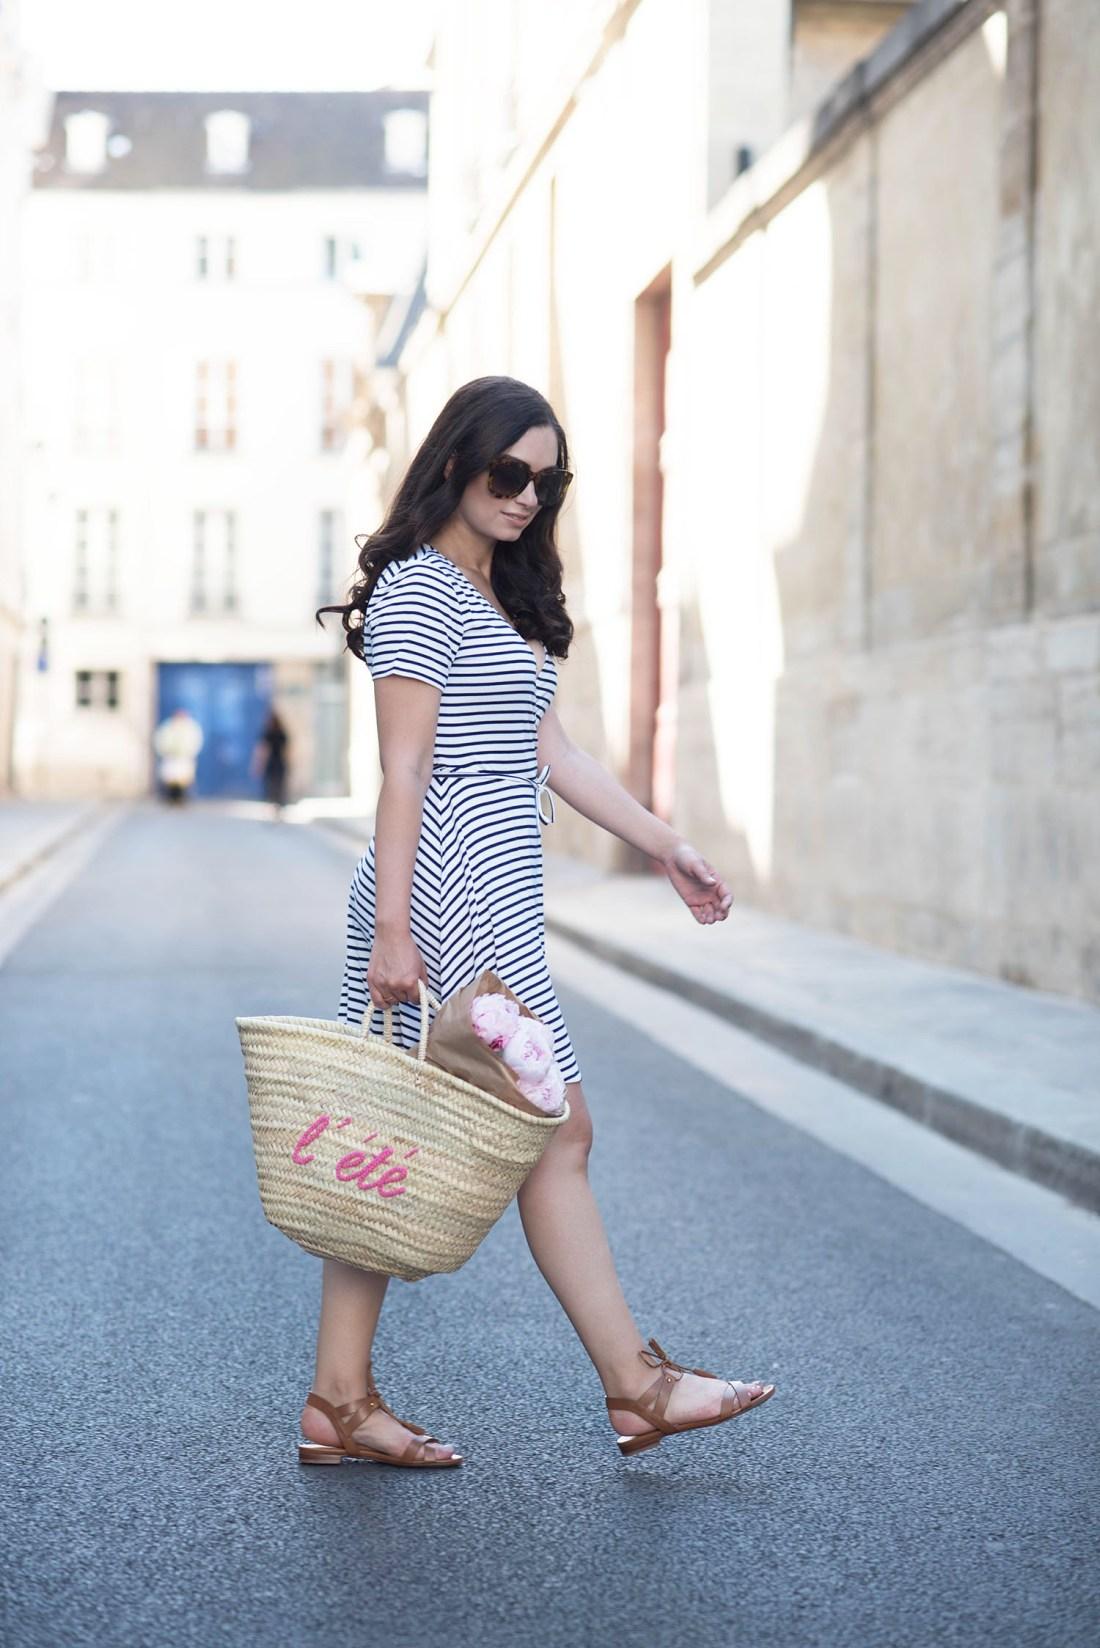 Style blogger Cee Fardoe of Coco & Vera walks in Paris wearing a striped Lovers + Friends dress